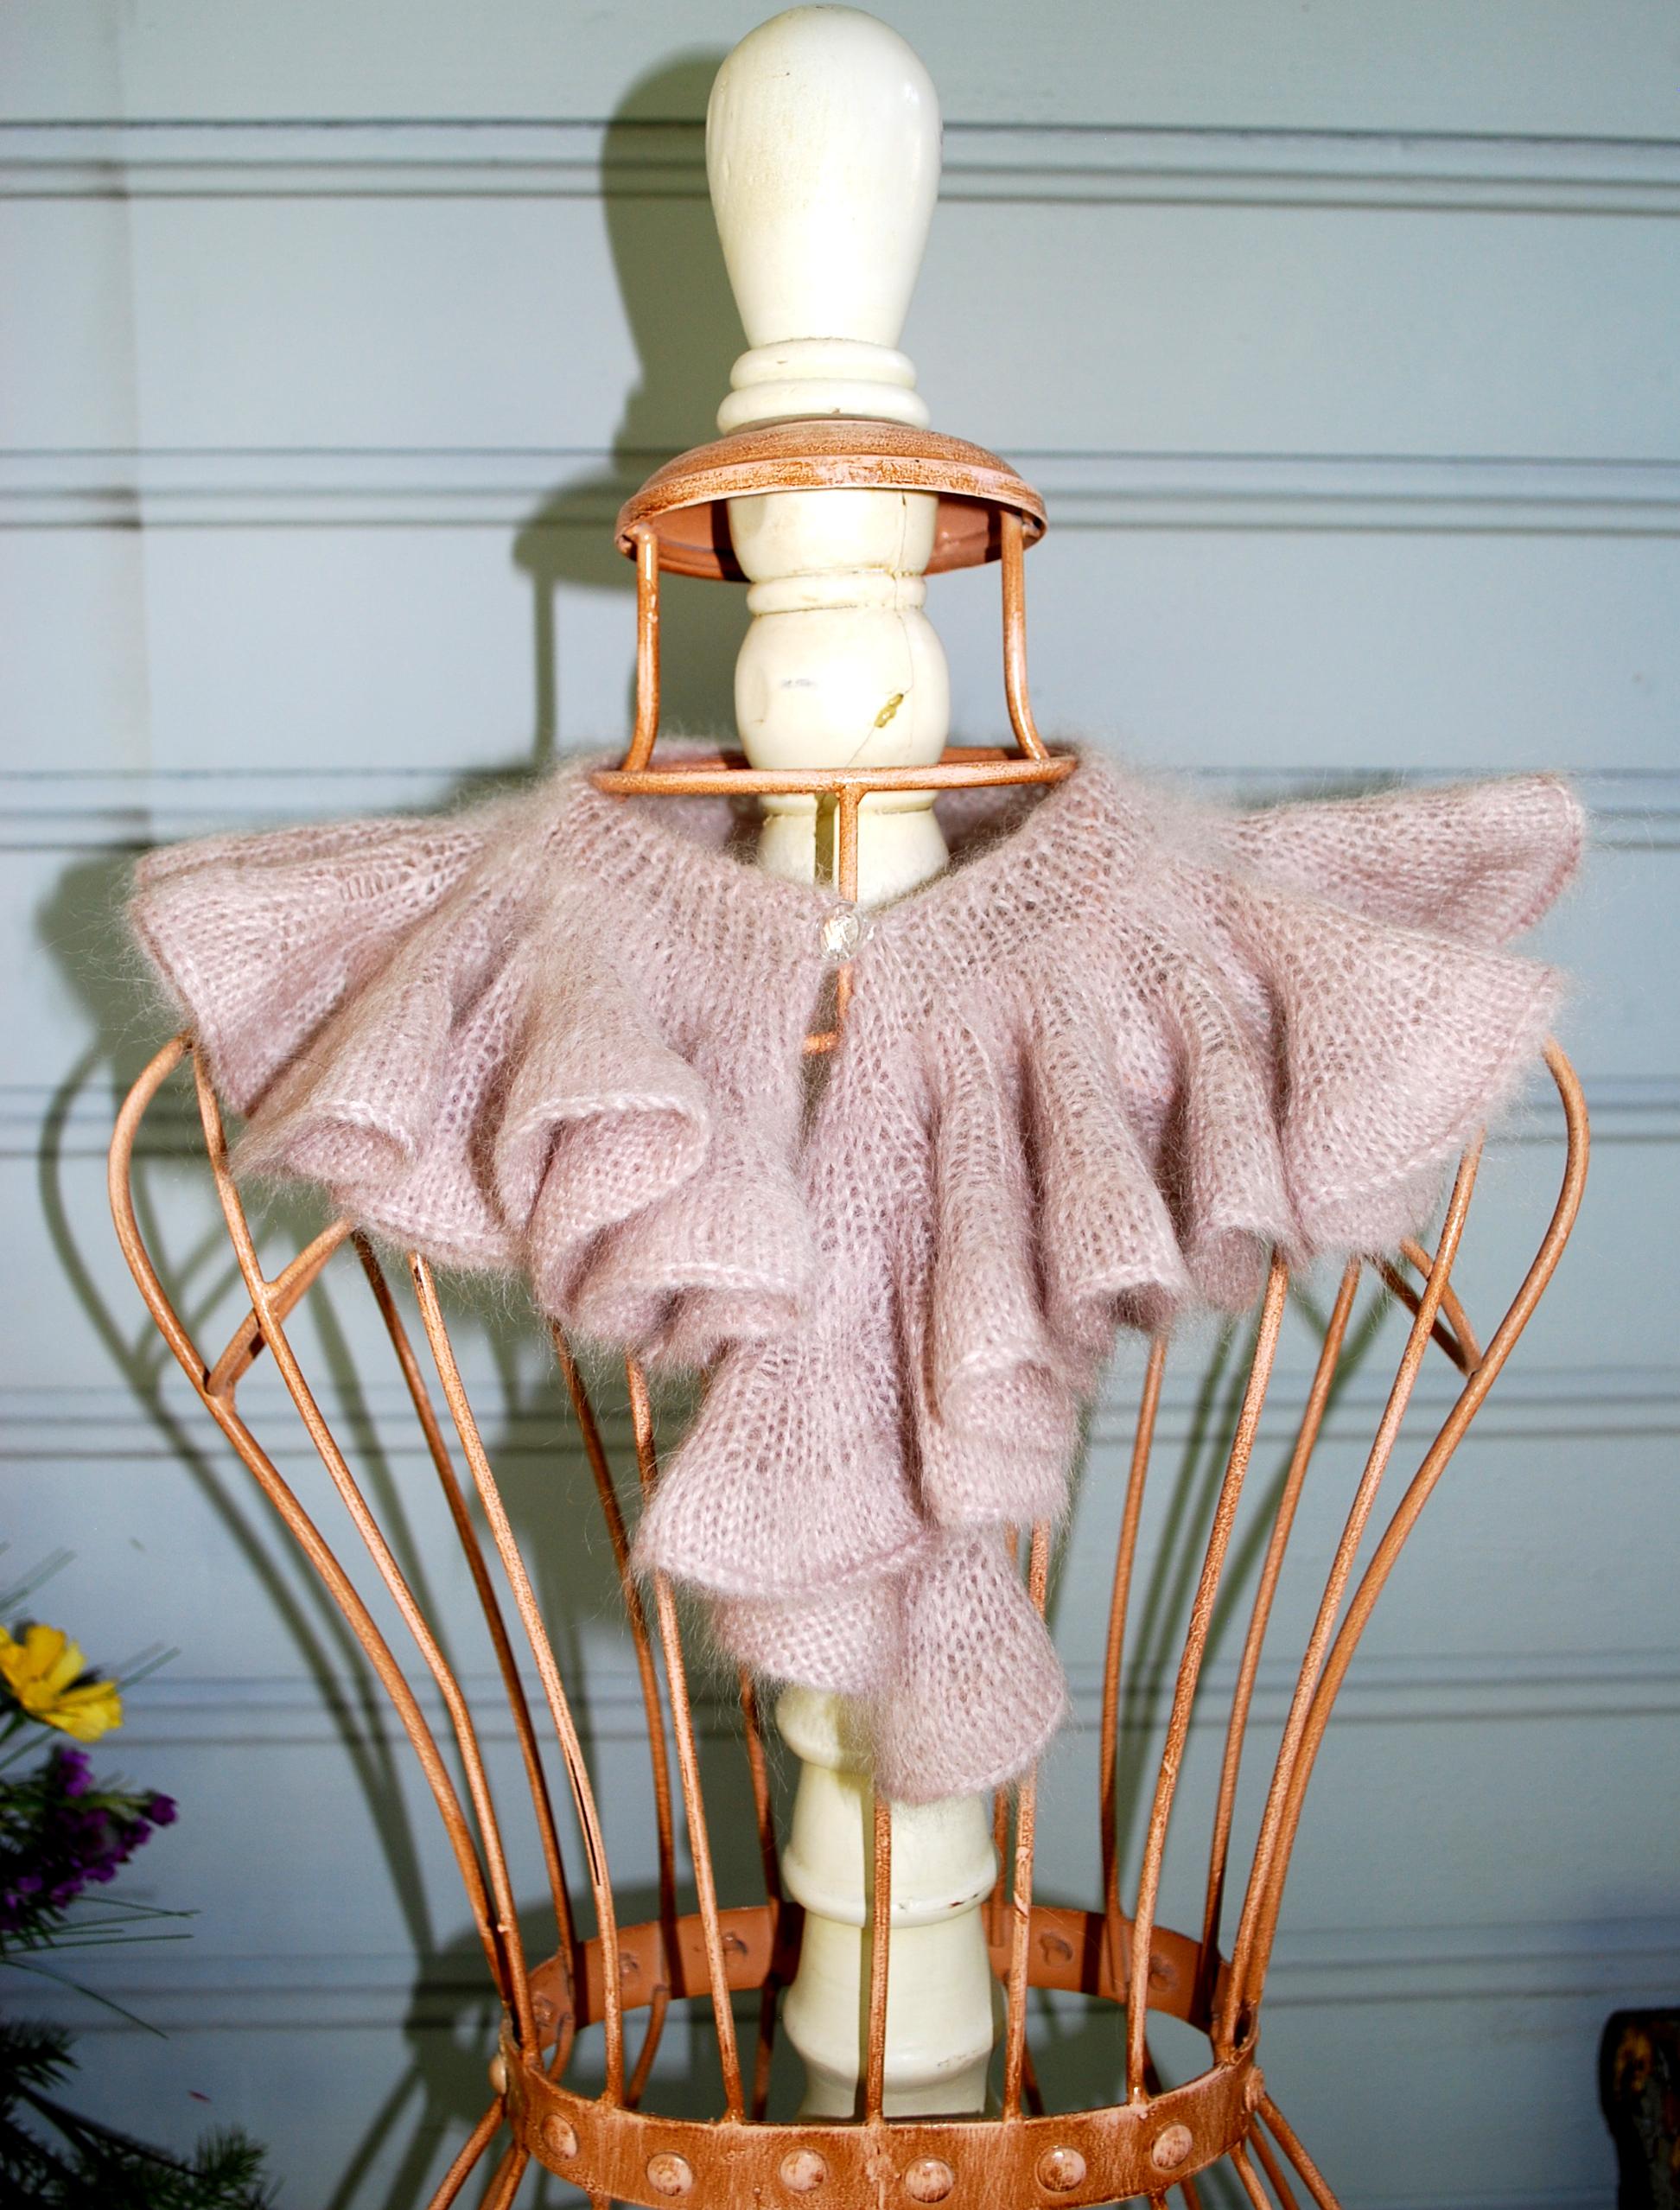 Knitting Patterns Ruffle Scarves Free : Free Ruffle Scarf Patterns Knit